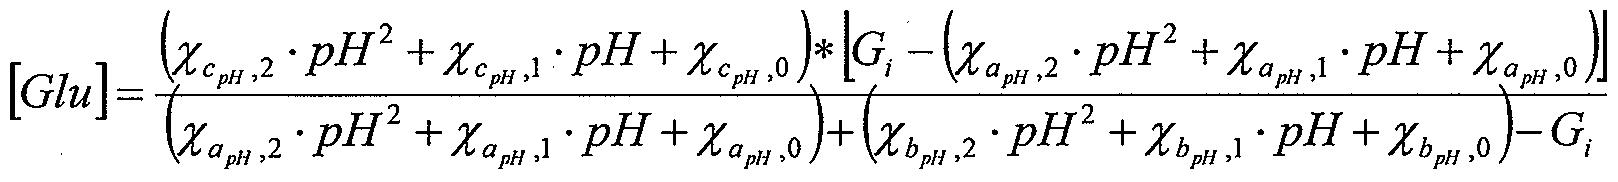 Figure imgf000084_0002